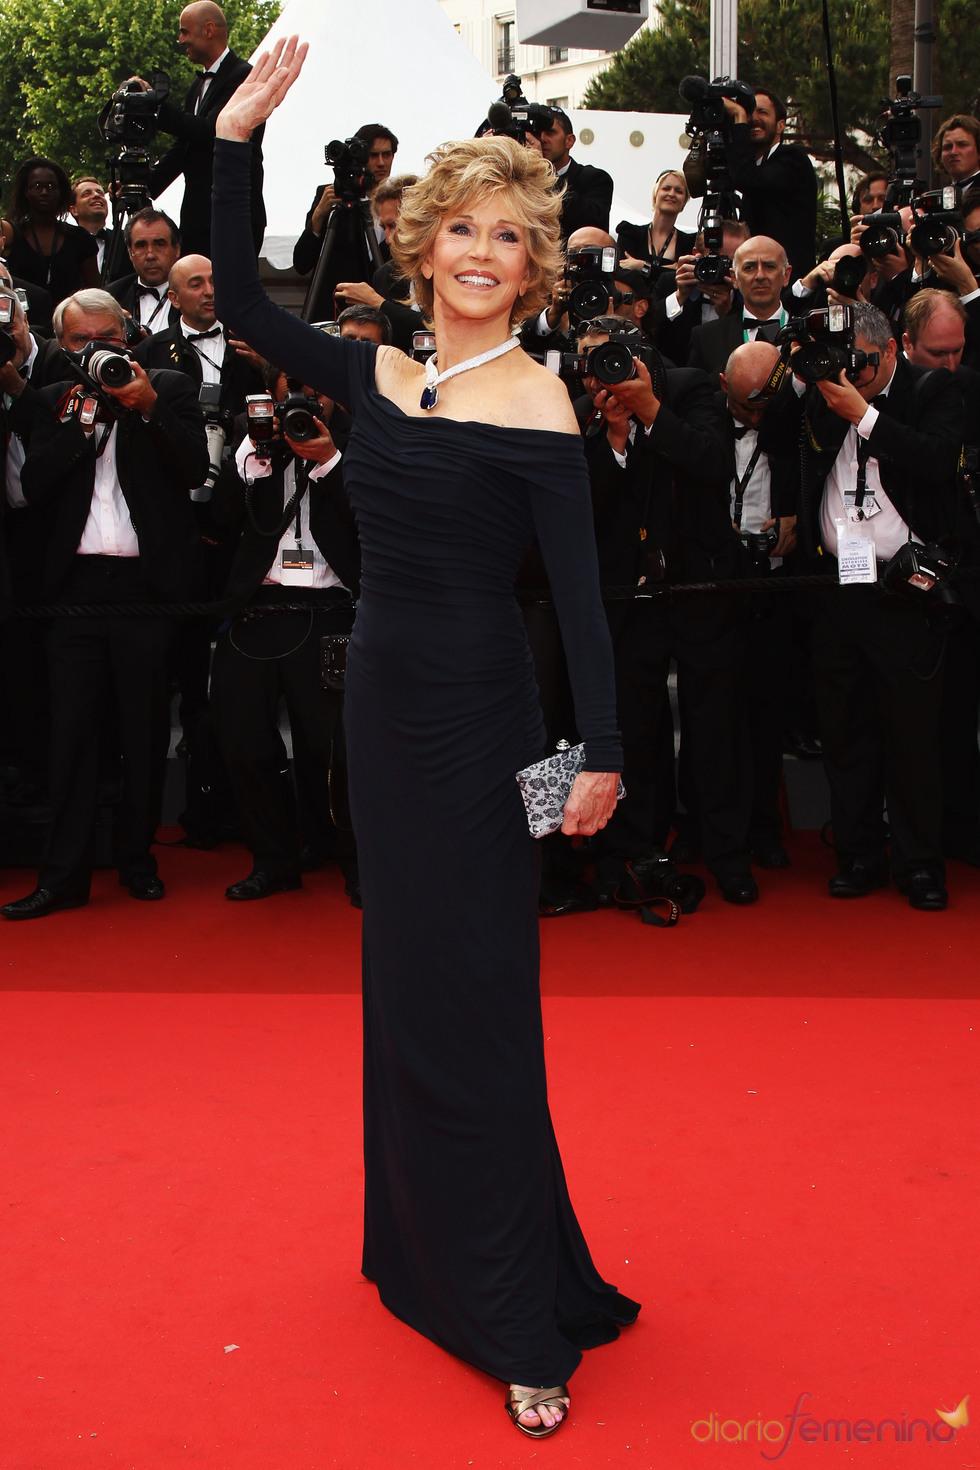 Jane Fonda en la alfombra roja del festival de Cannes 2011